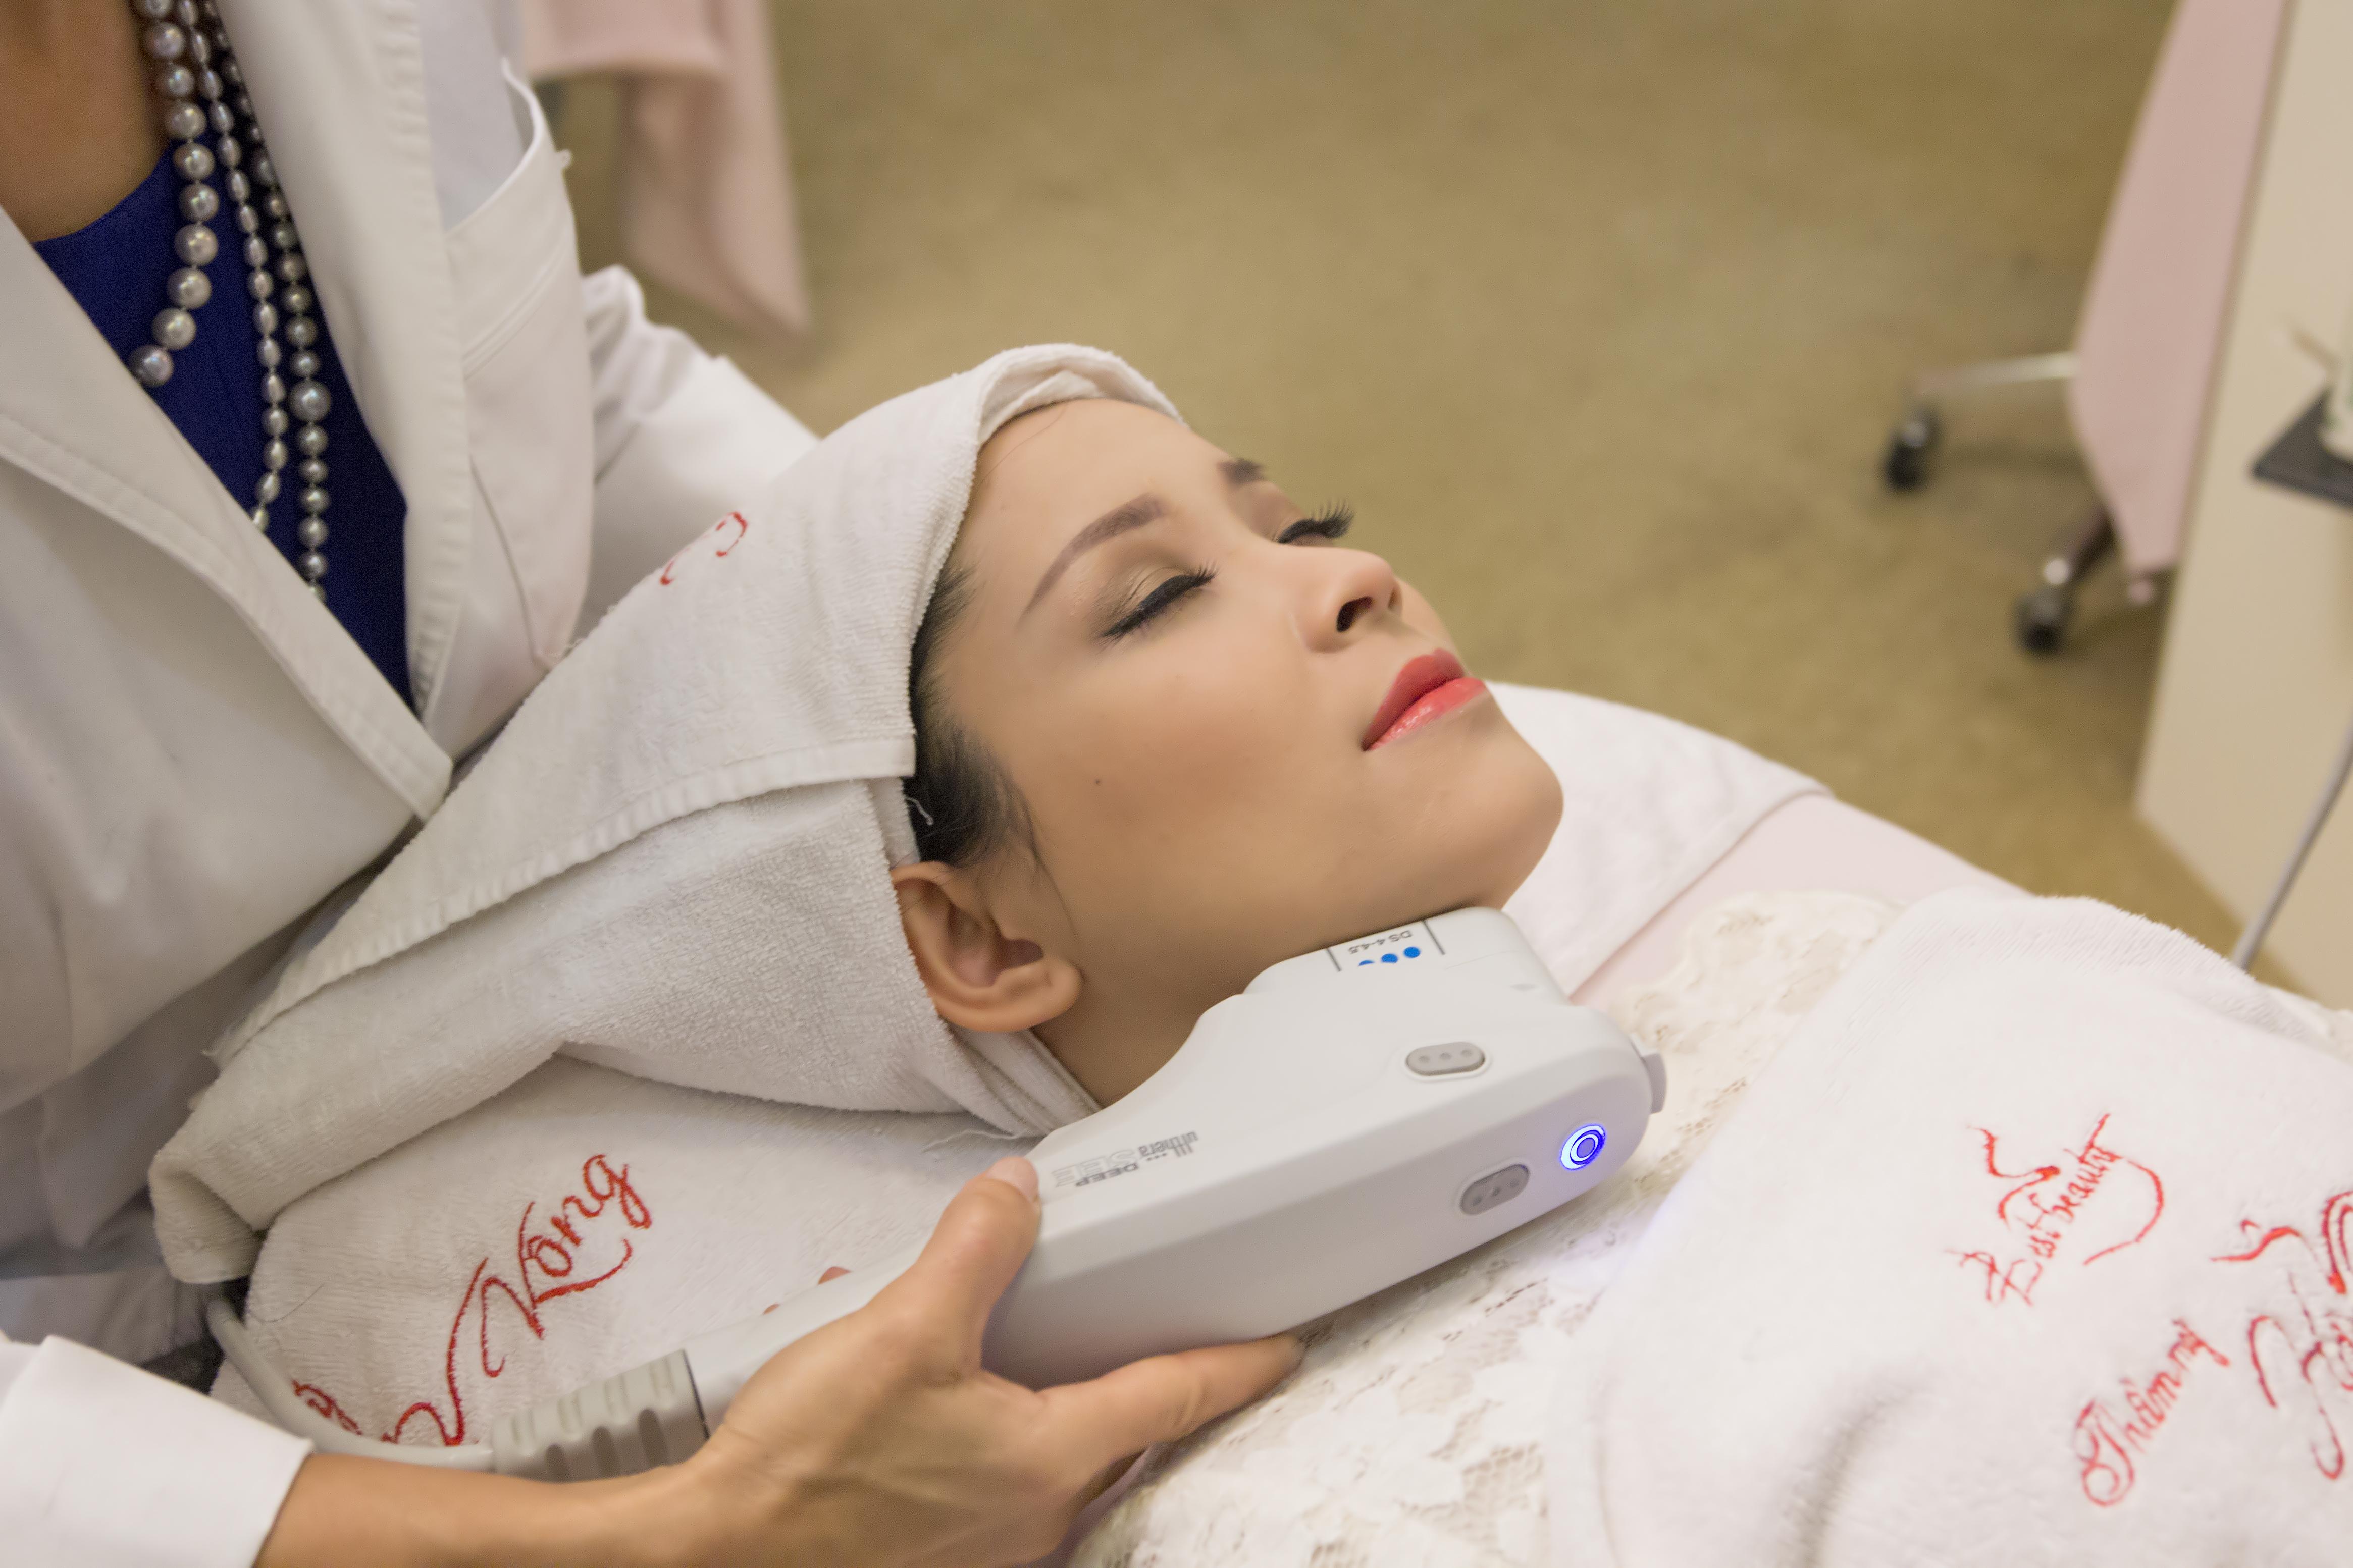 Ultherapy là công nghệ trẻ hóa da, nâng cơ hoàn toàn không sử dụng dao kéo phẫu thuật,